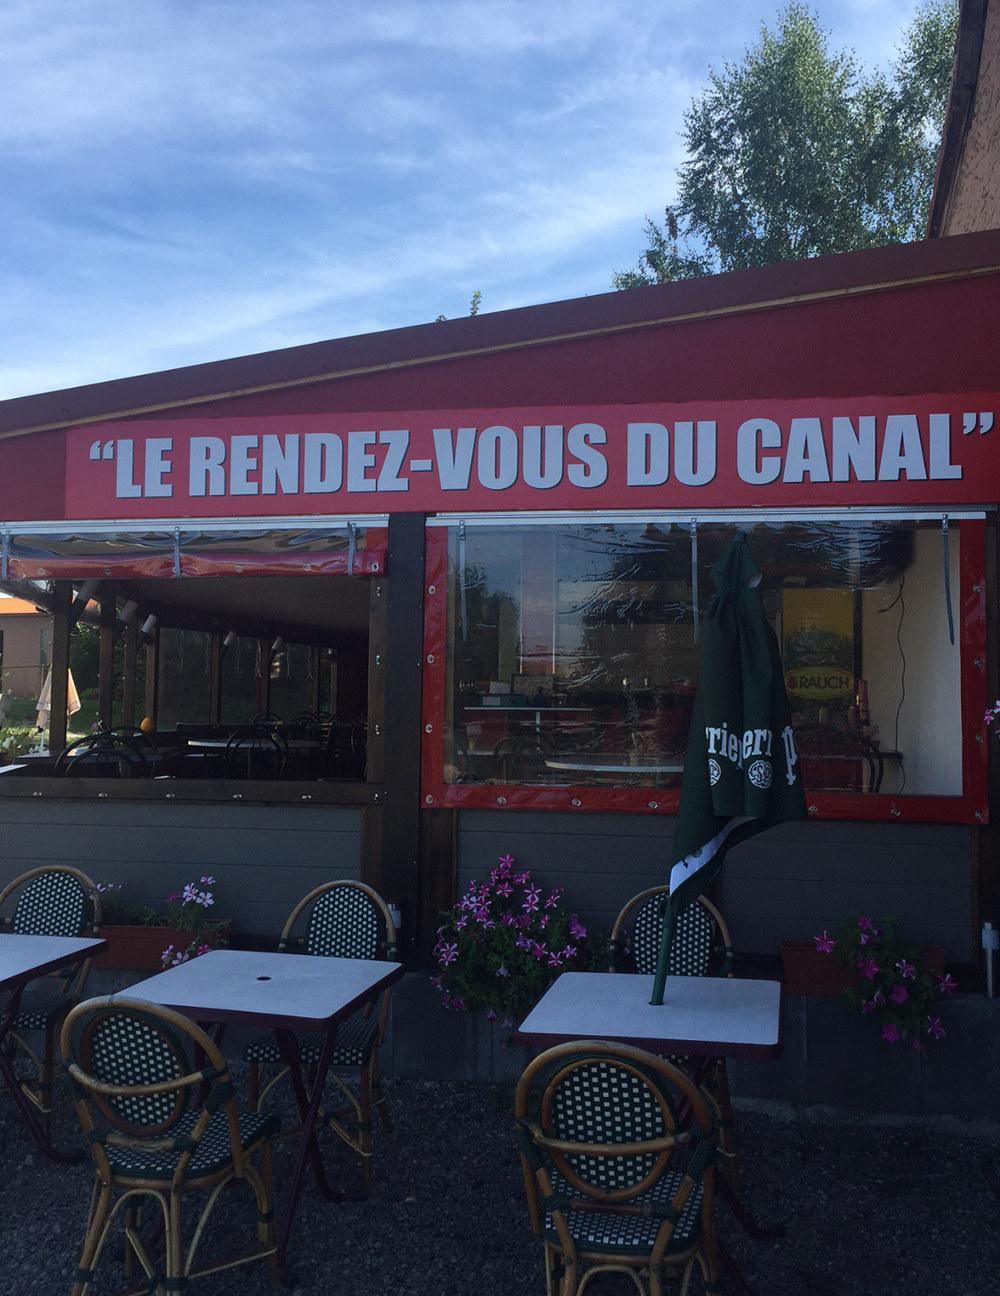 Le Rendez-vous du Canal